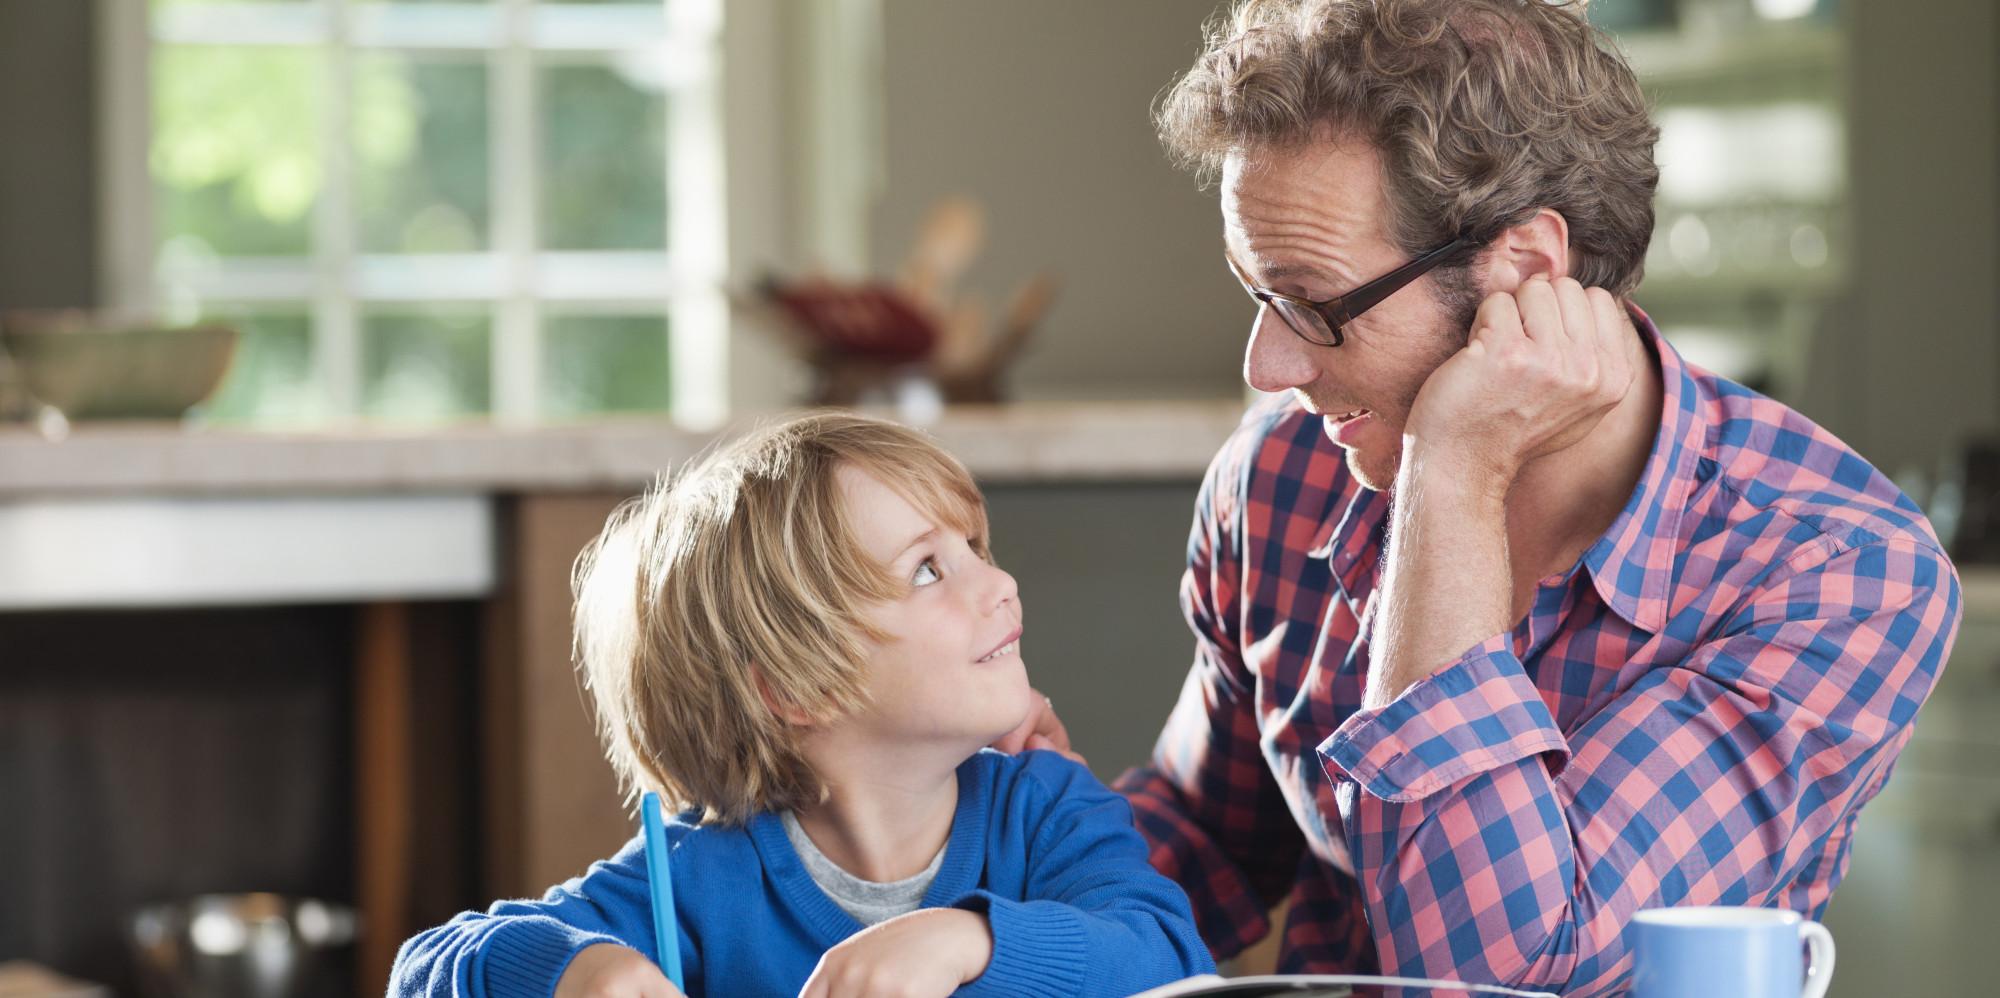 Comment renforcer la confiance en soi chez nos enfants grâce aux accords toltèques?